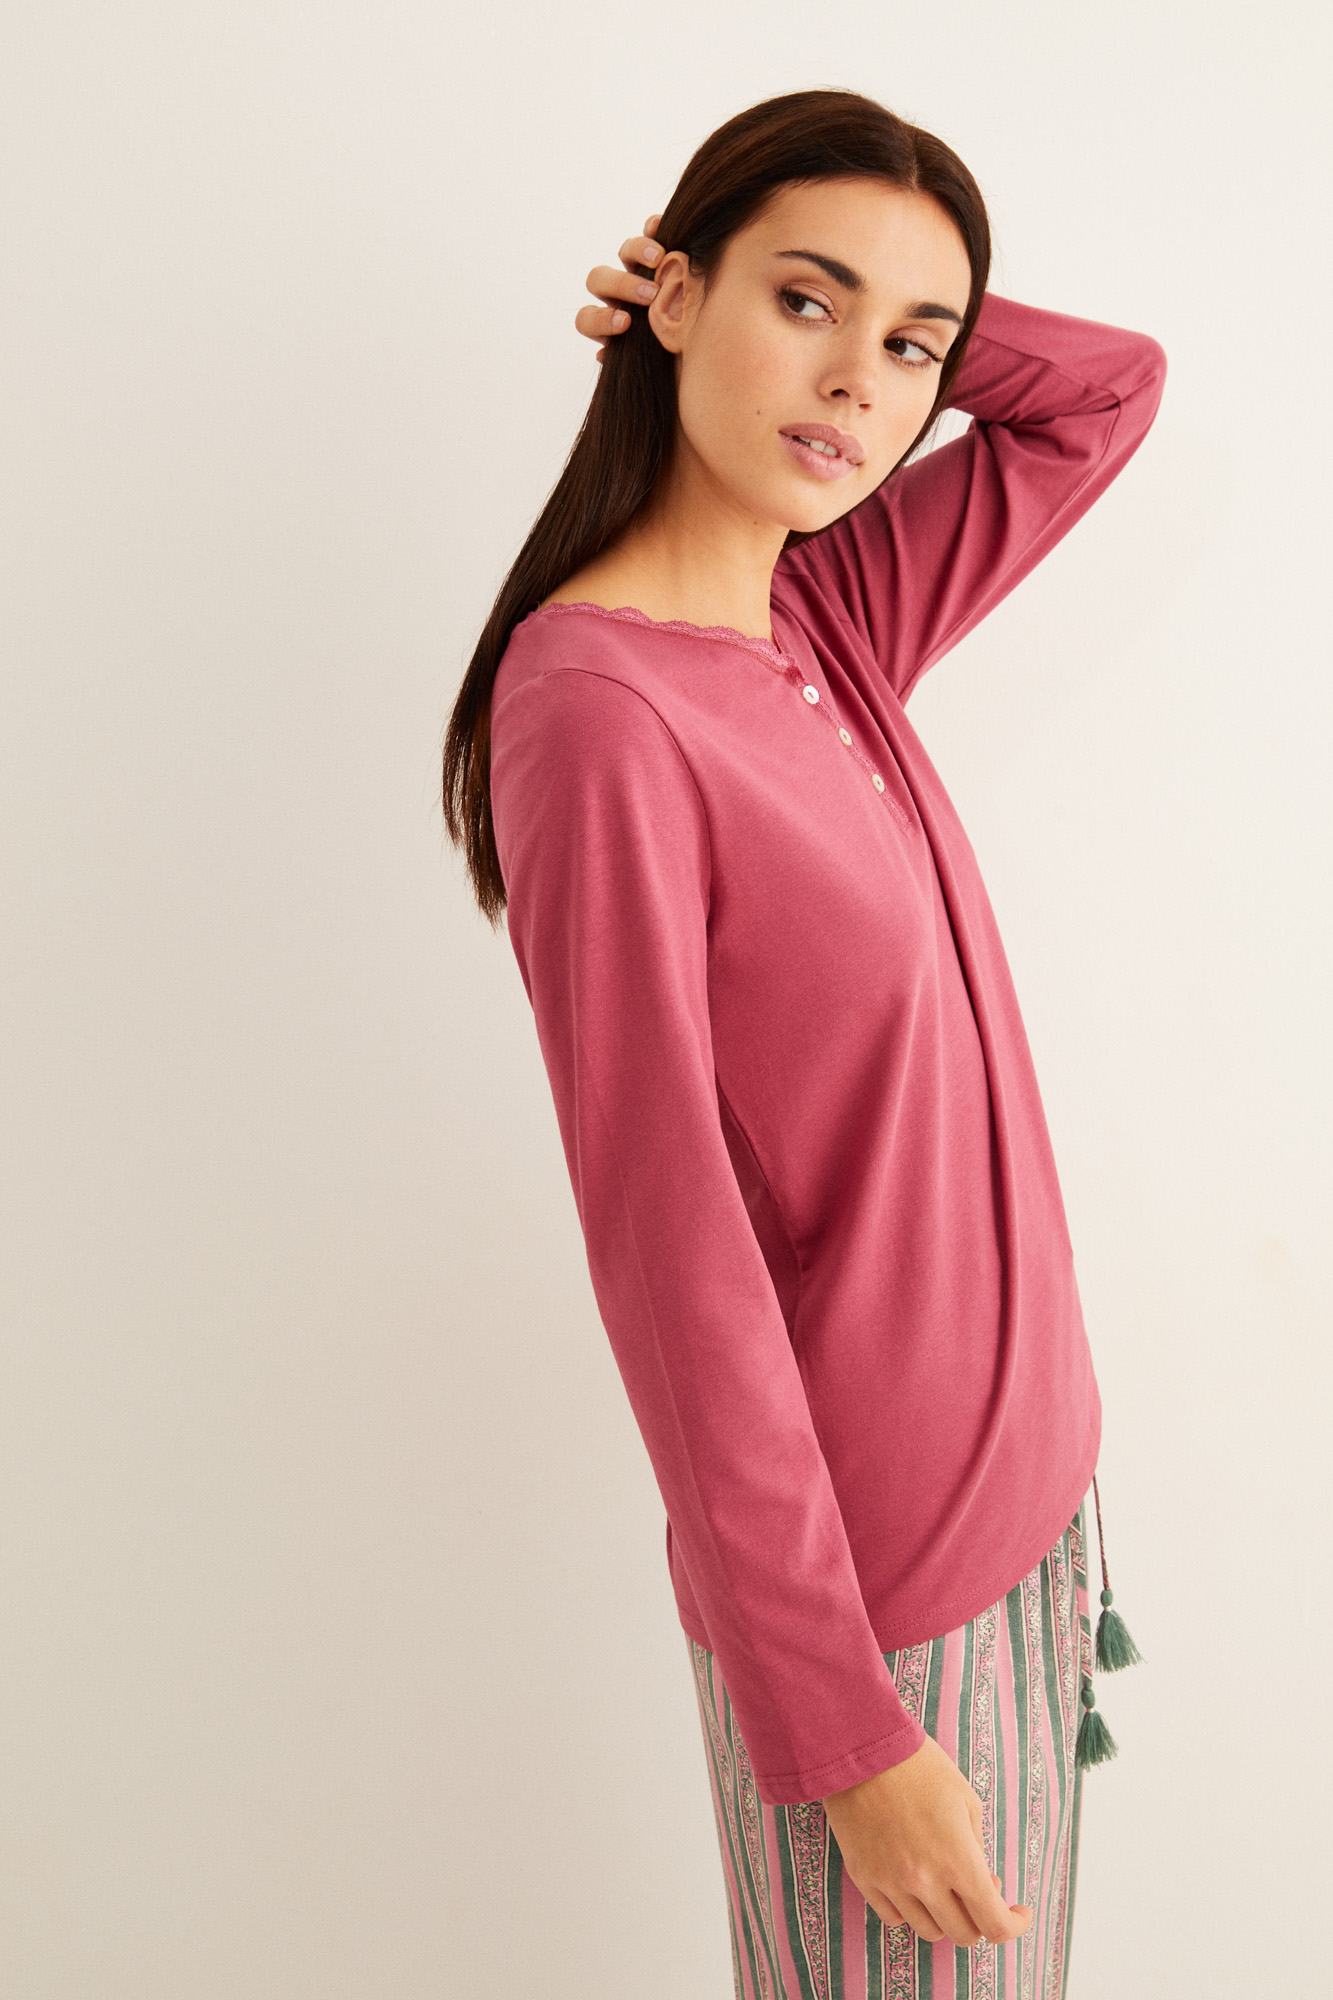 Camiseta lisa manga larga   Camisetas   Women'secret